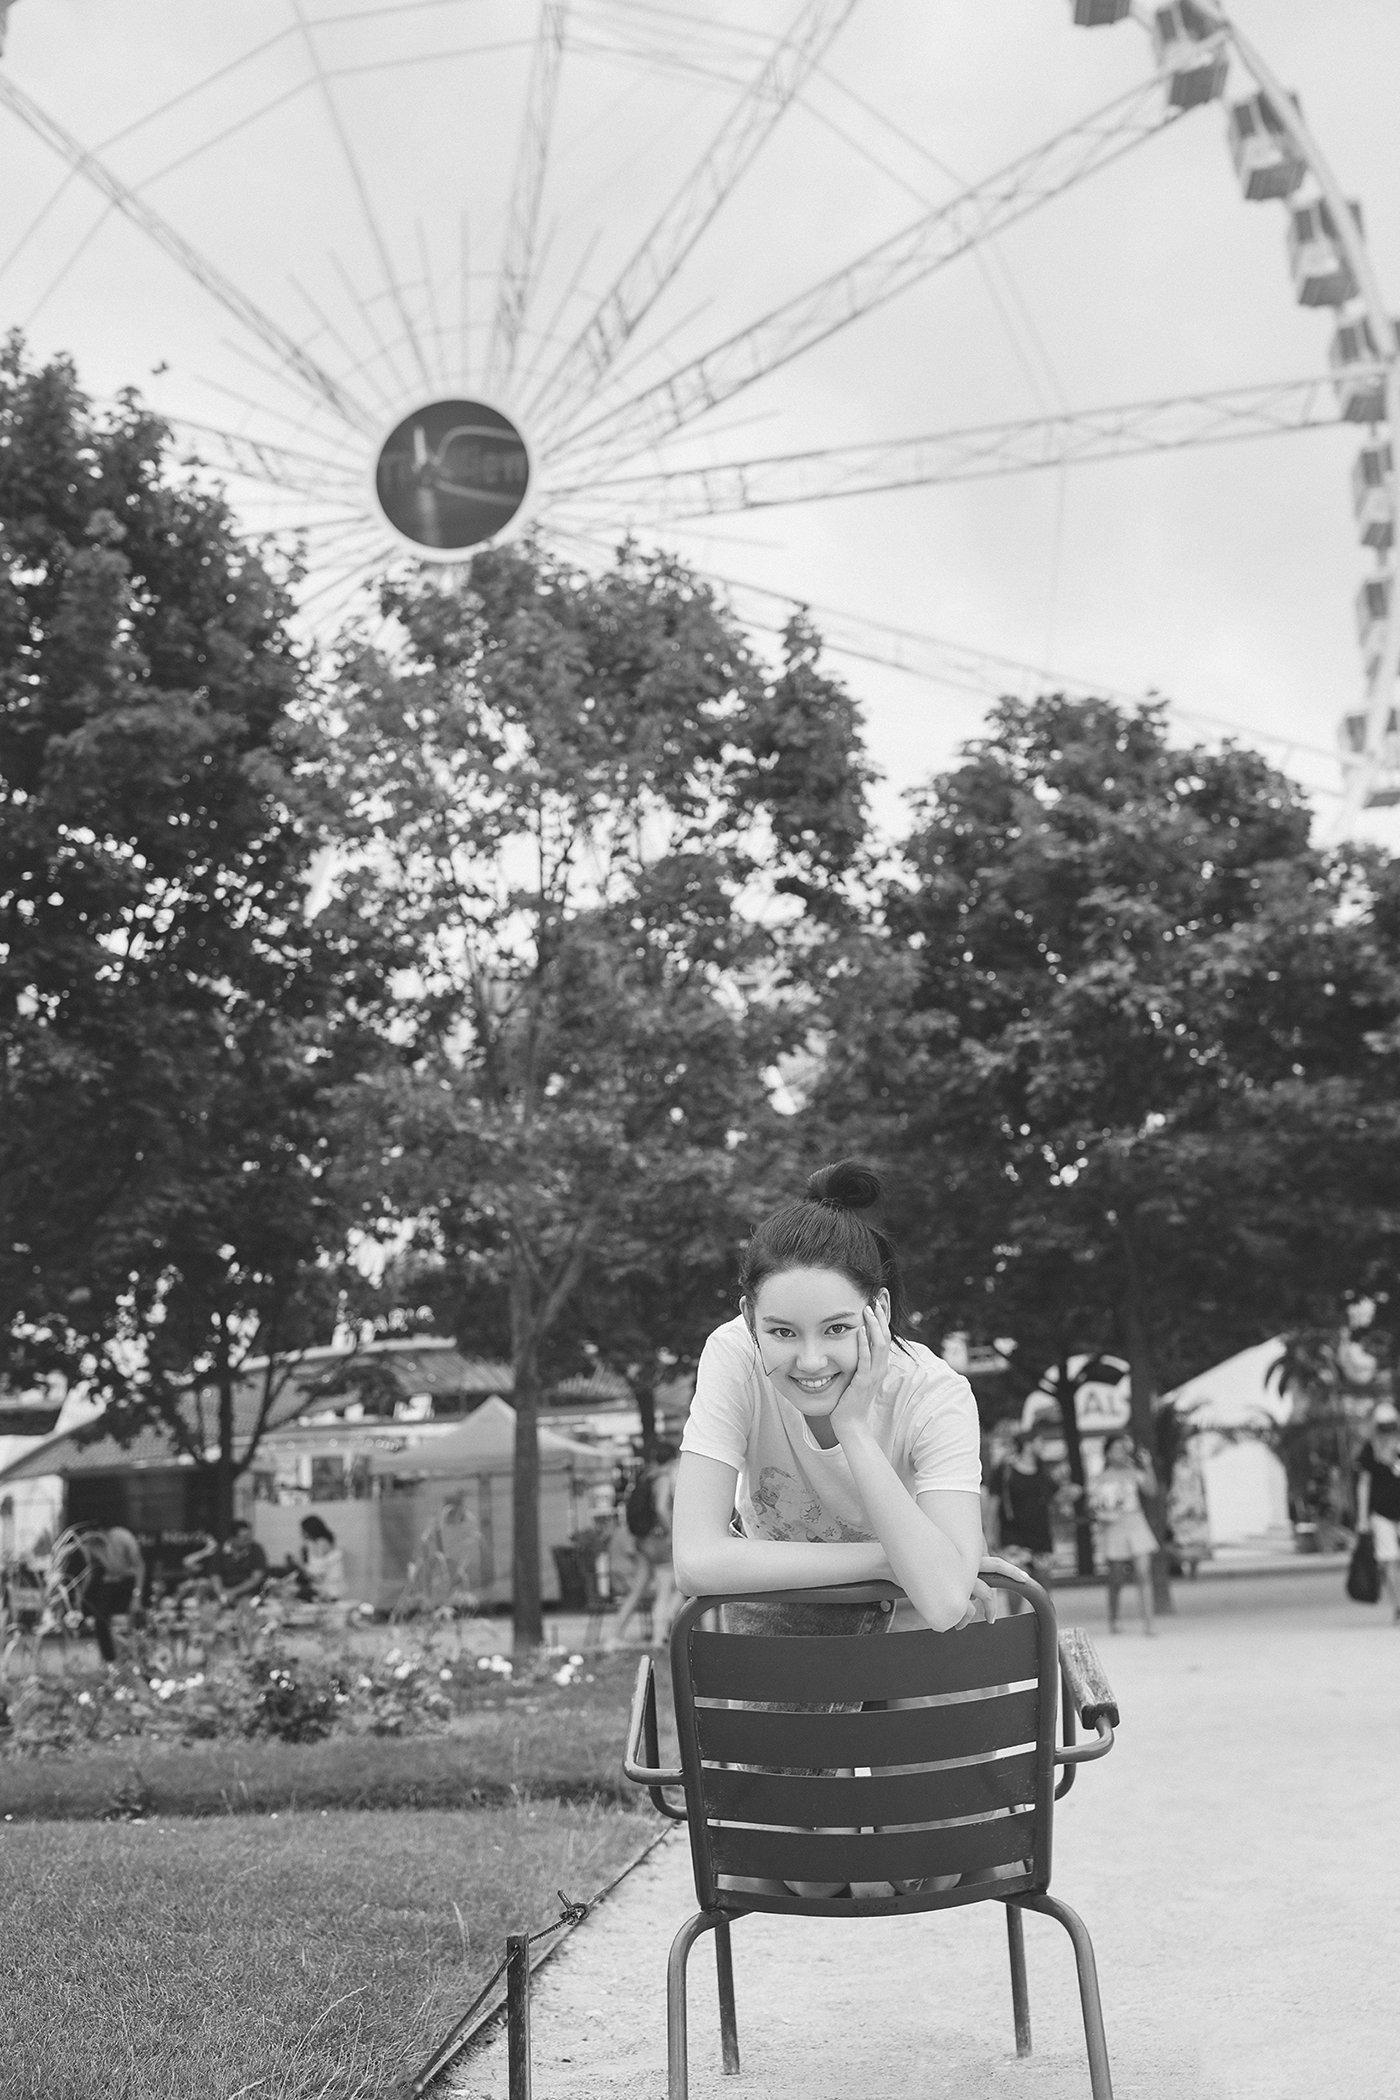 李诗颖清新甜美写真图片